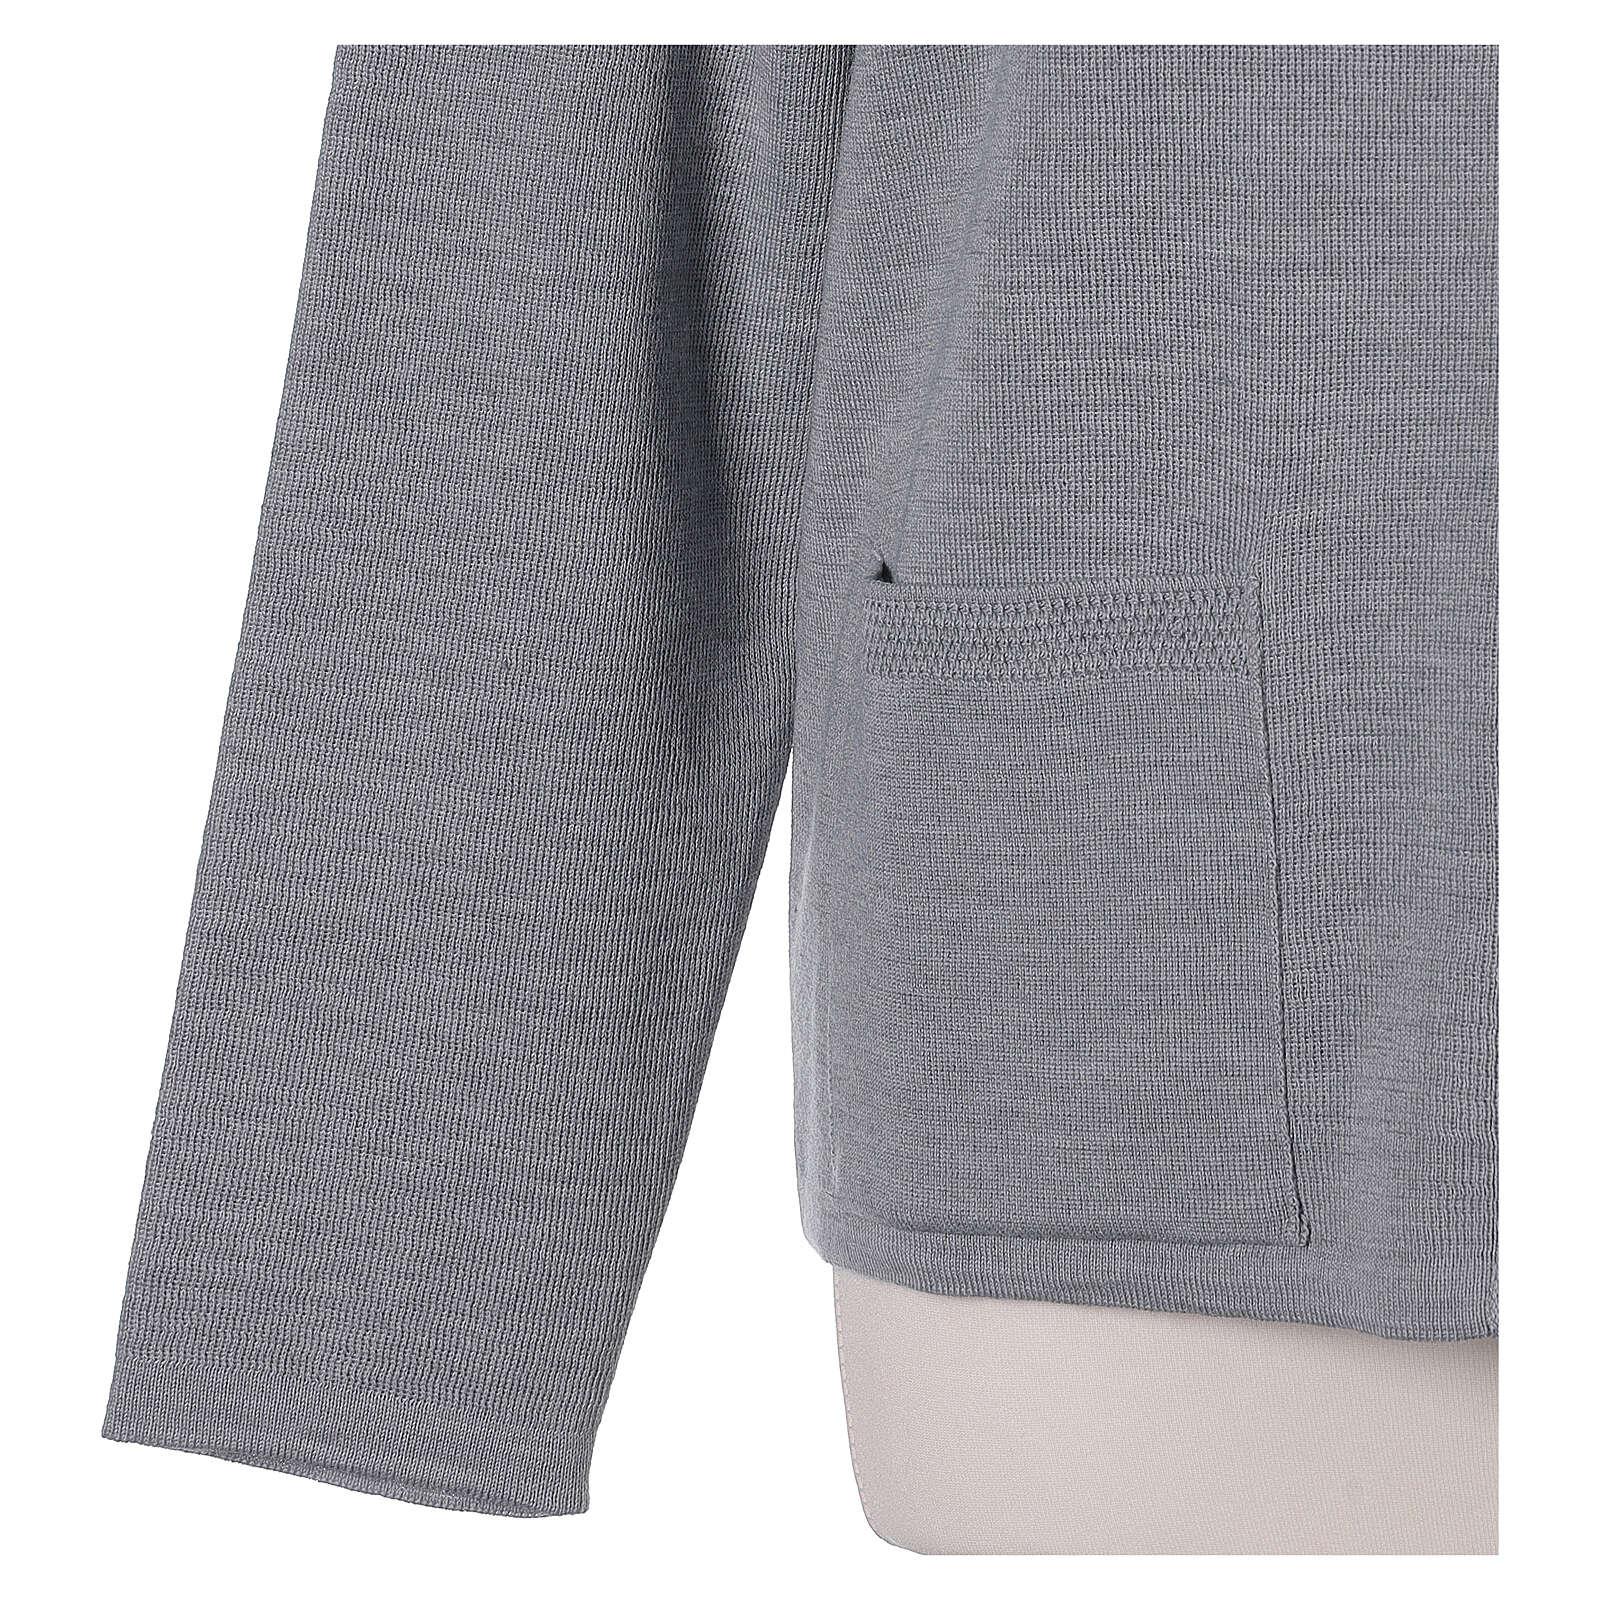 Kardigan siostra zakonna sweter perłowoszary kołnierzyk koreański kieszonki dzianina gładka 50% akryl 50% wełna merynos In Primis 4